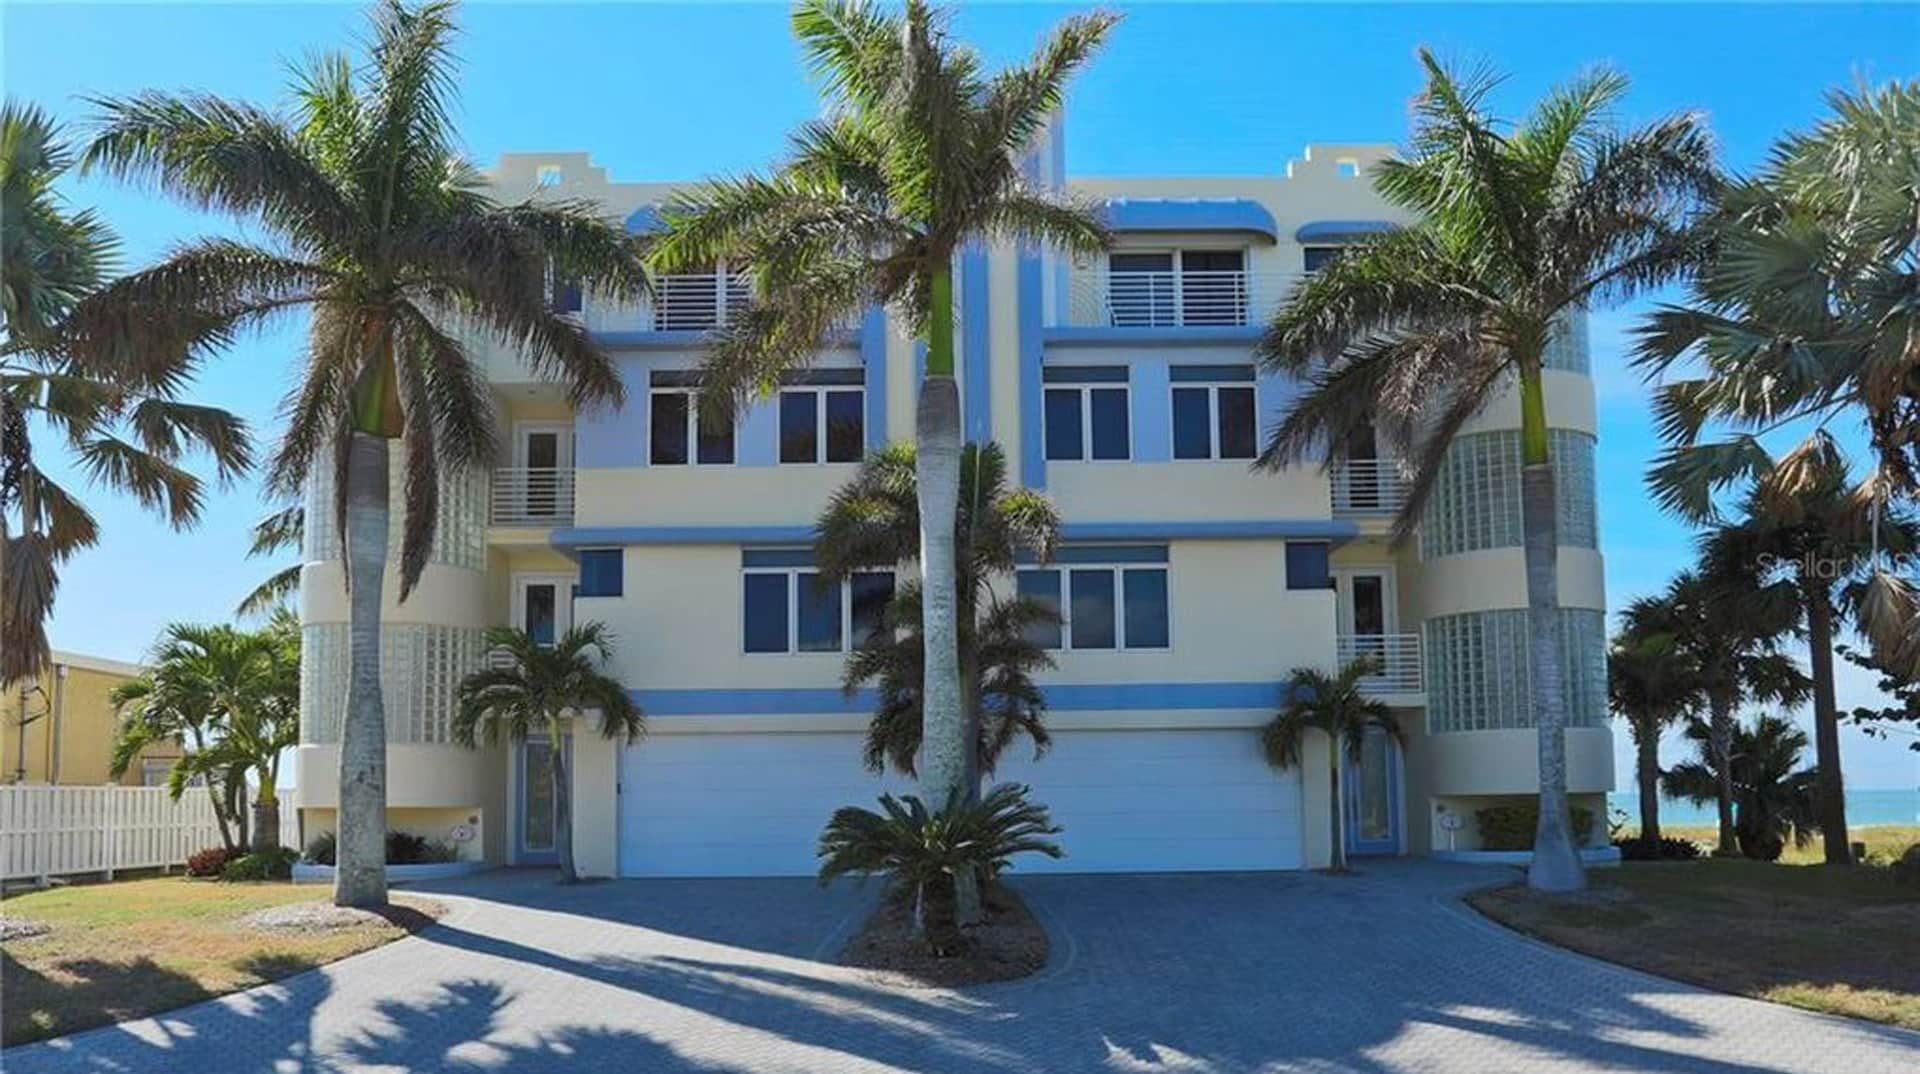 palm harbor mortgage broker, palm harbor condo mortgage, palm harbor mortgage rates, palm harbor condotel mortgage broker, palm harbor mortgage calculator, mortgage broker near me, palm harbor fl mortgage